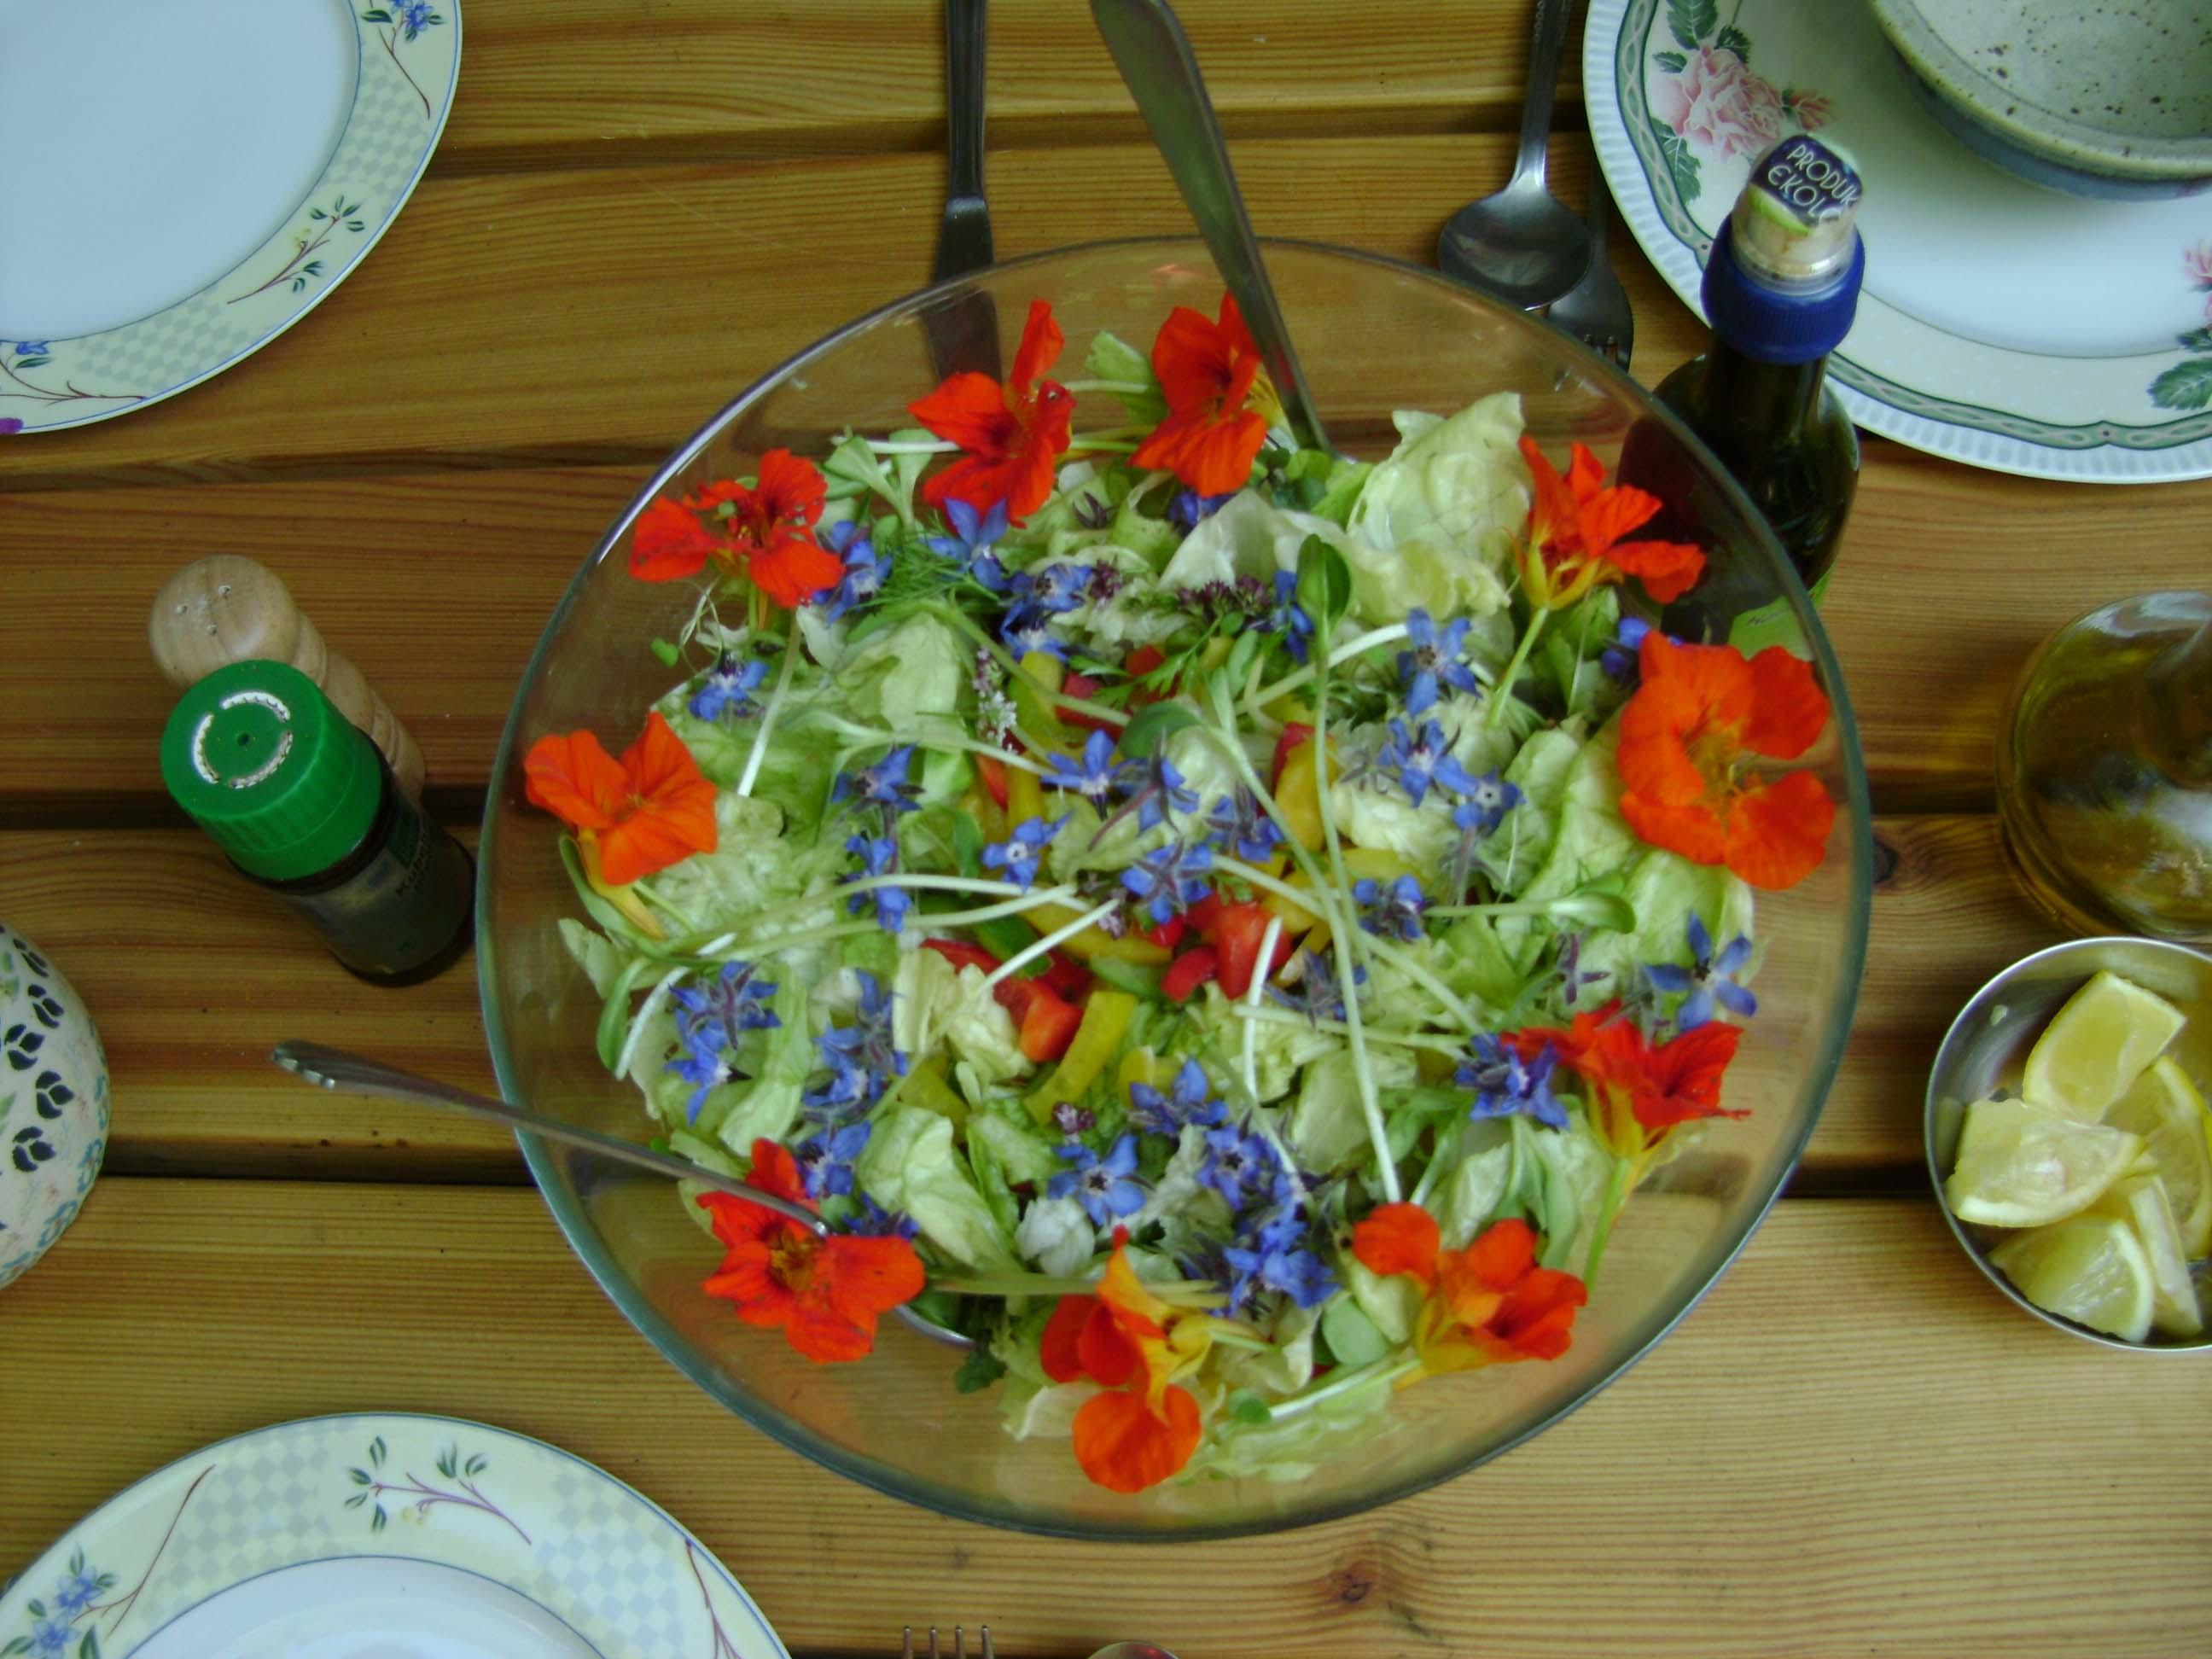 Healthy organic food 12221420545